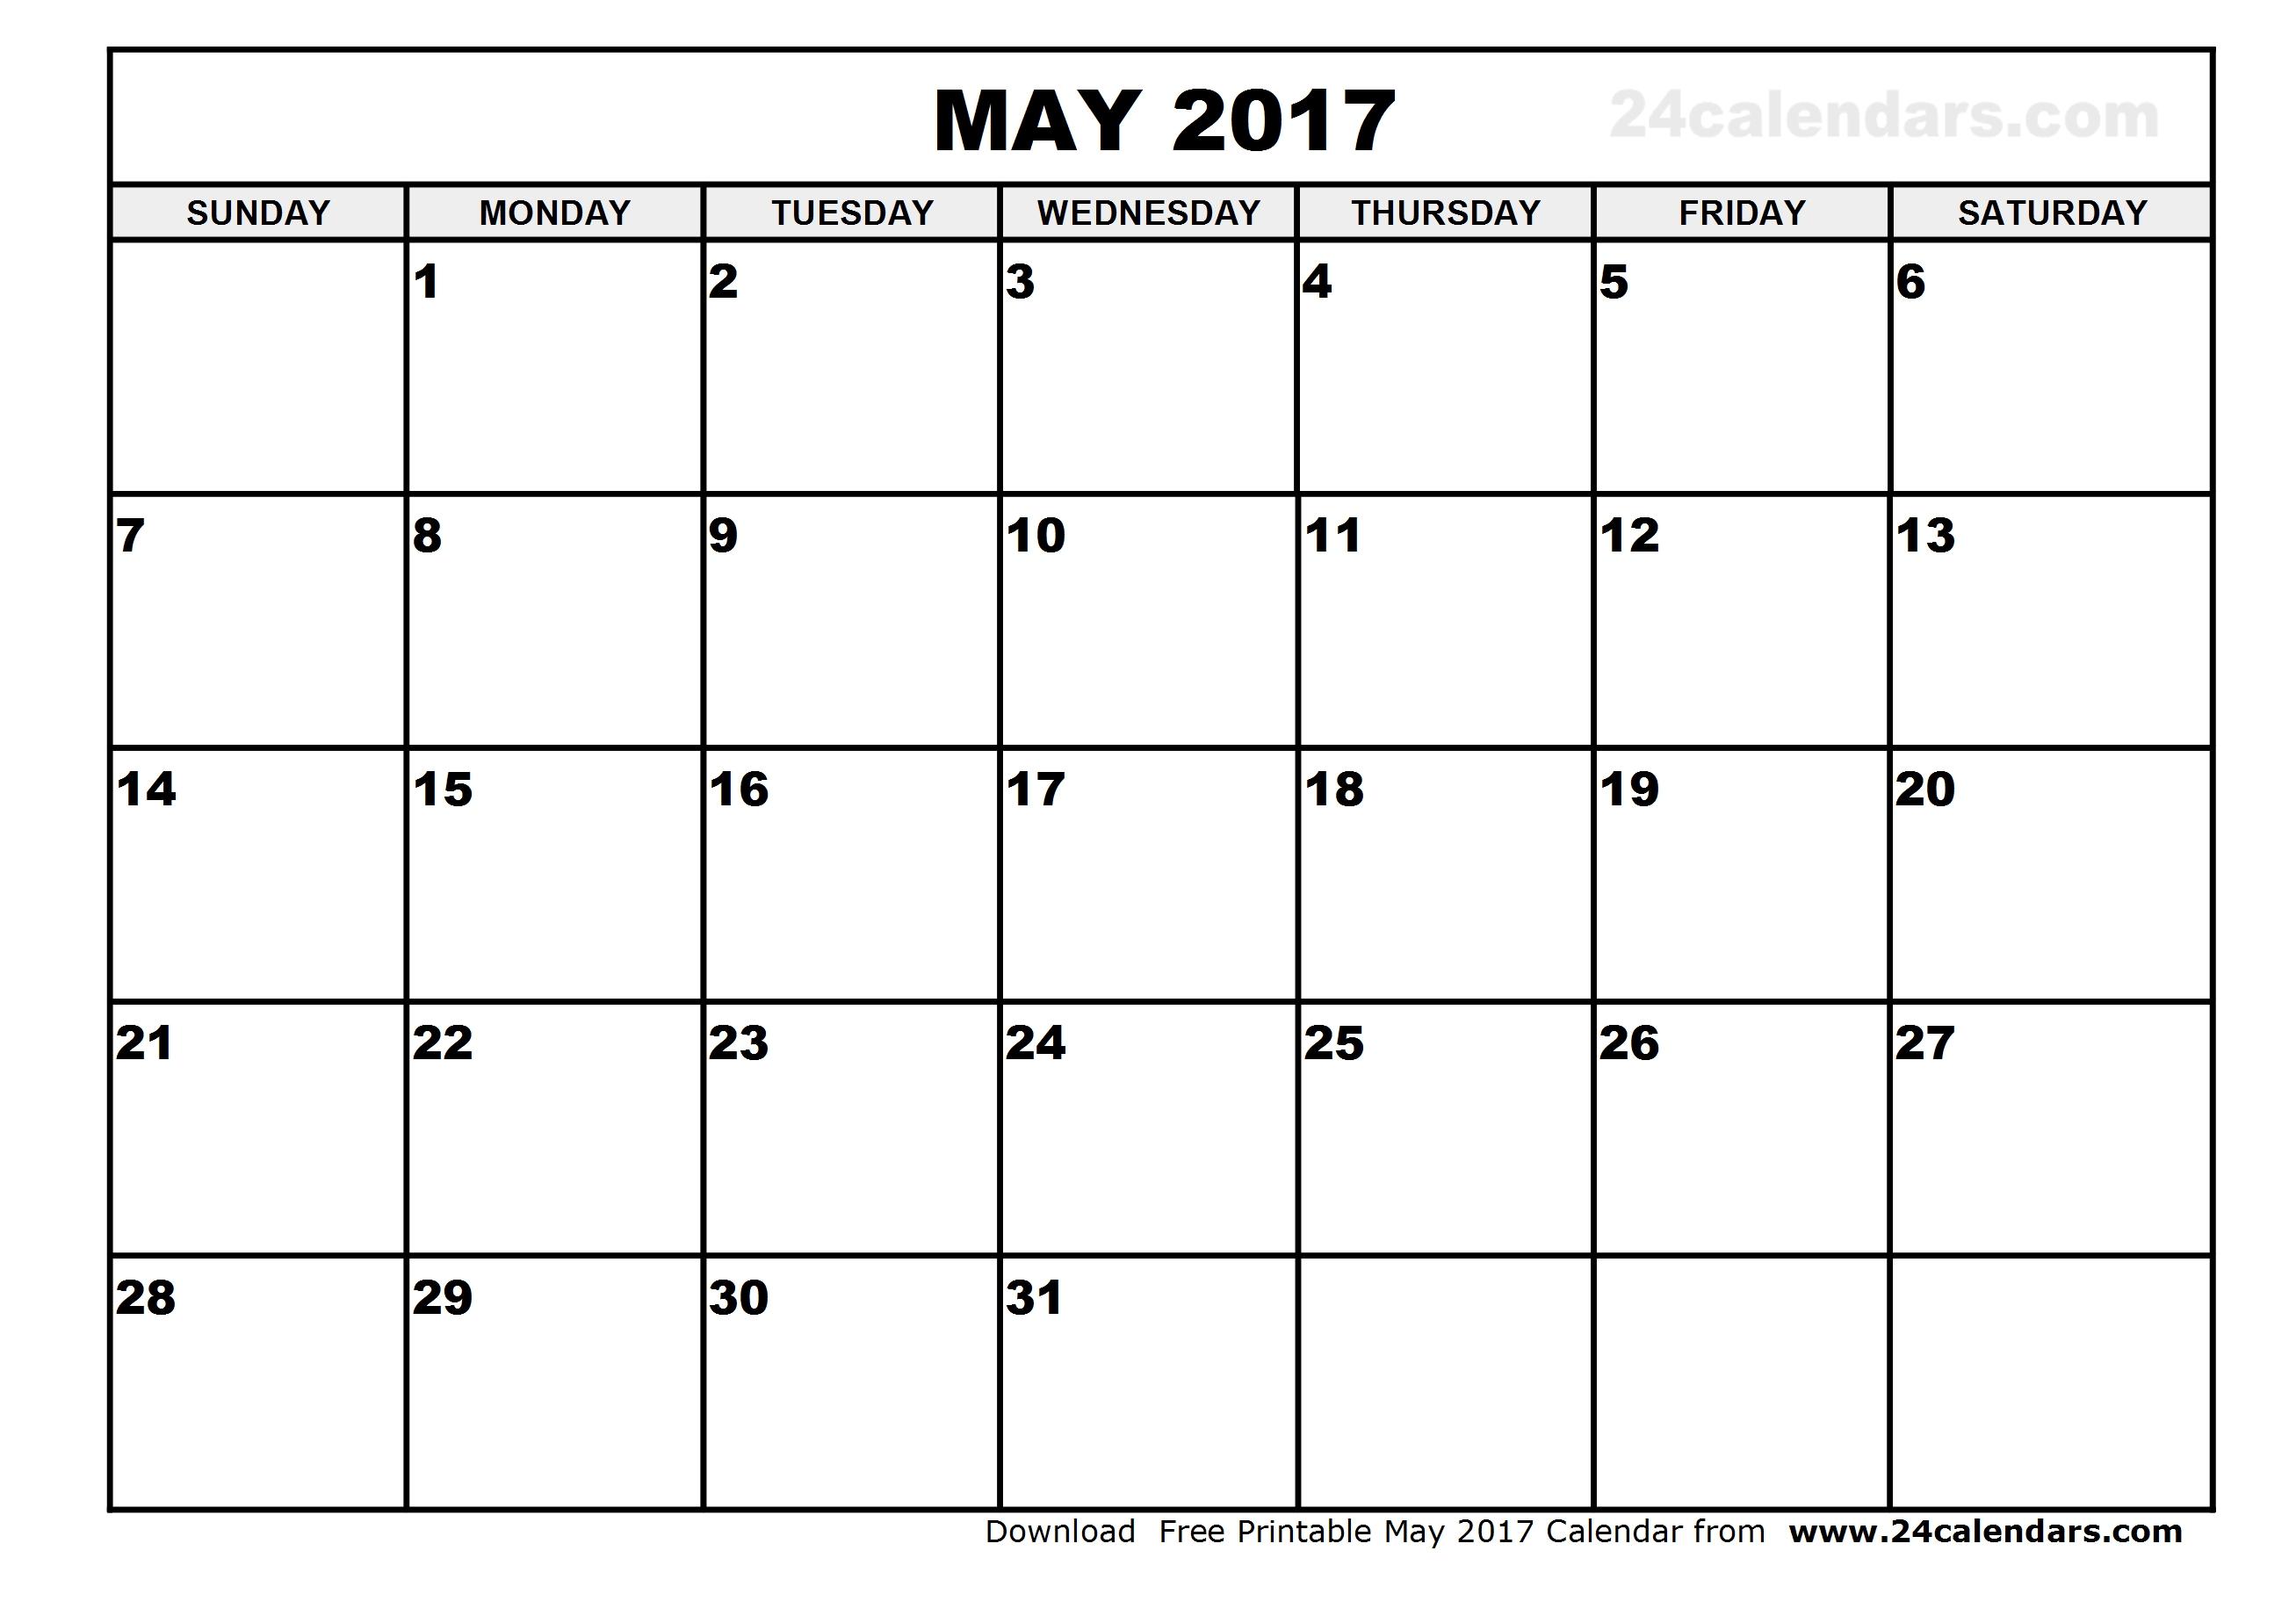 May 2017 Calendar | printable calendar templates